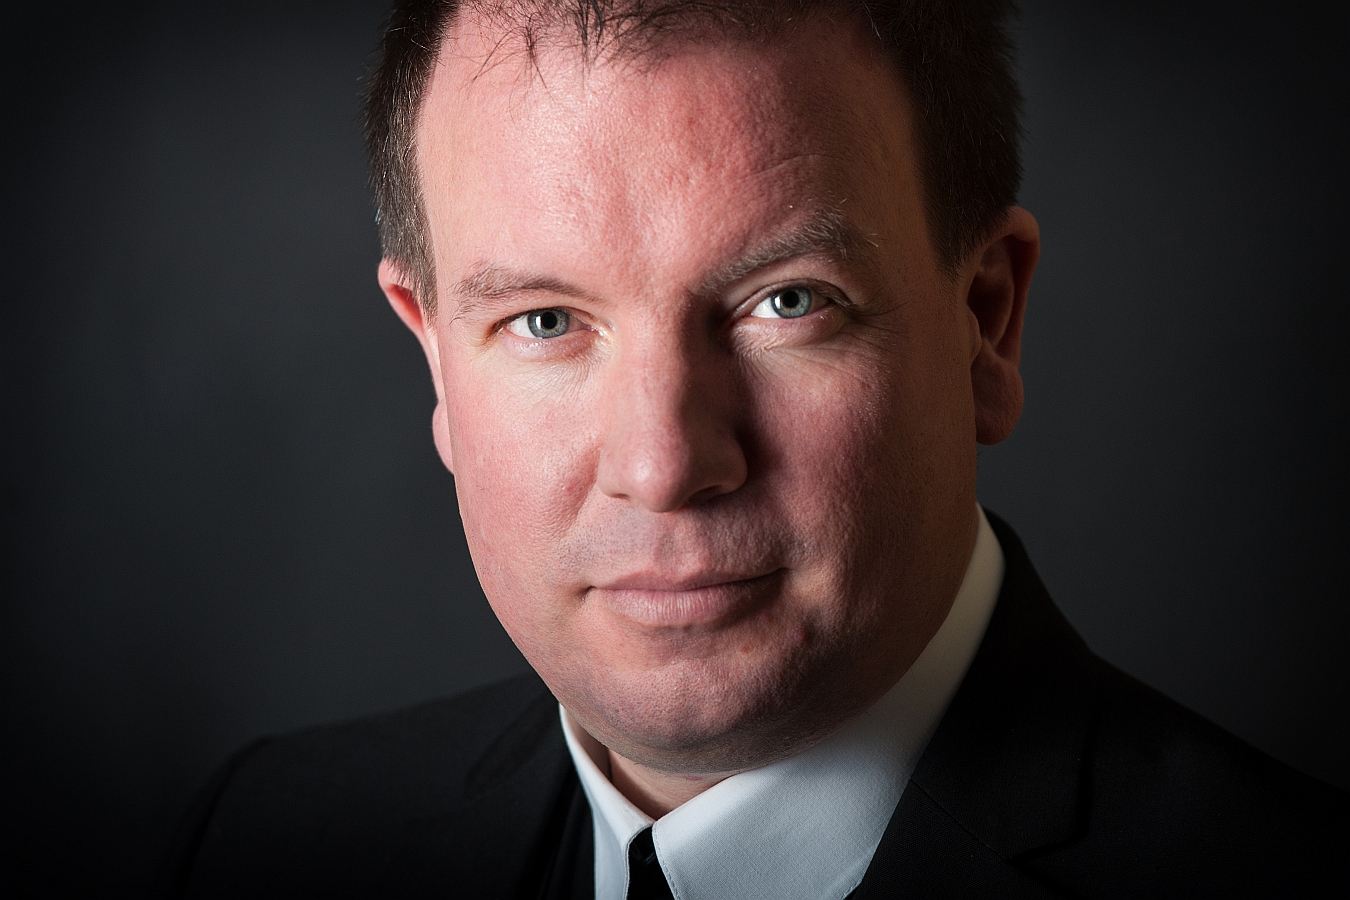 HW Pfarrer Michael Witti